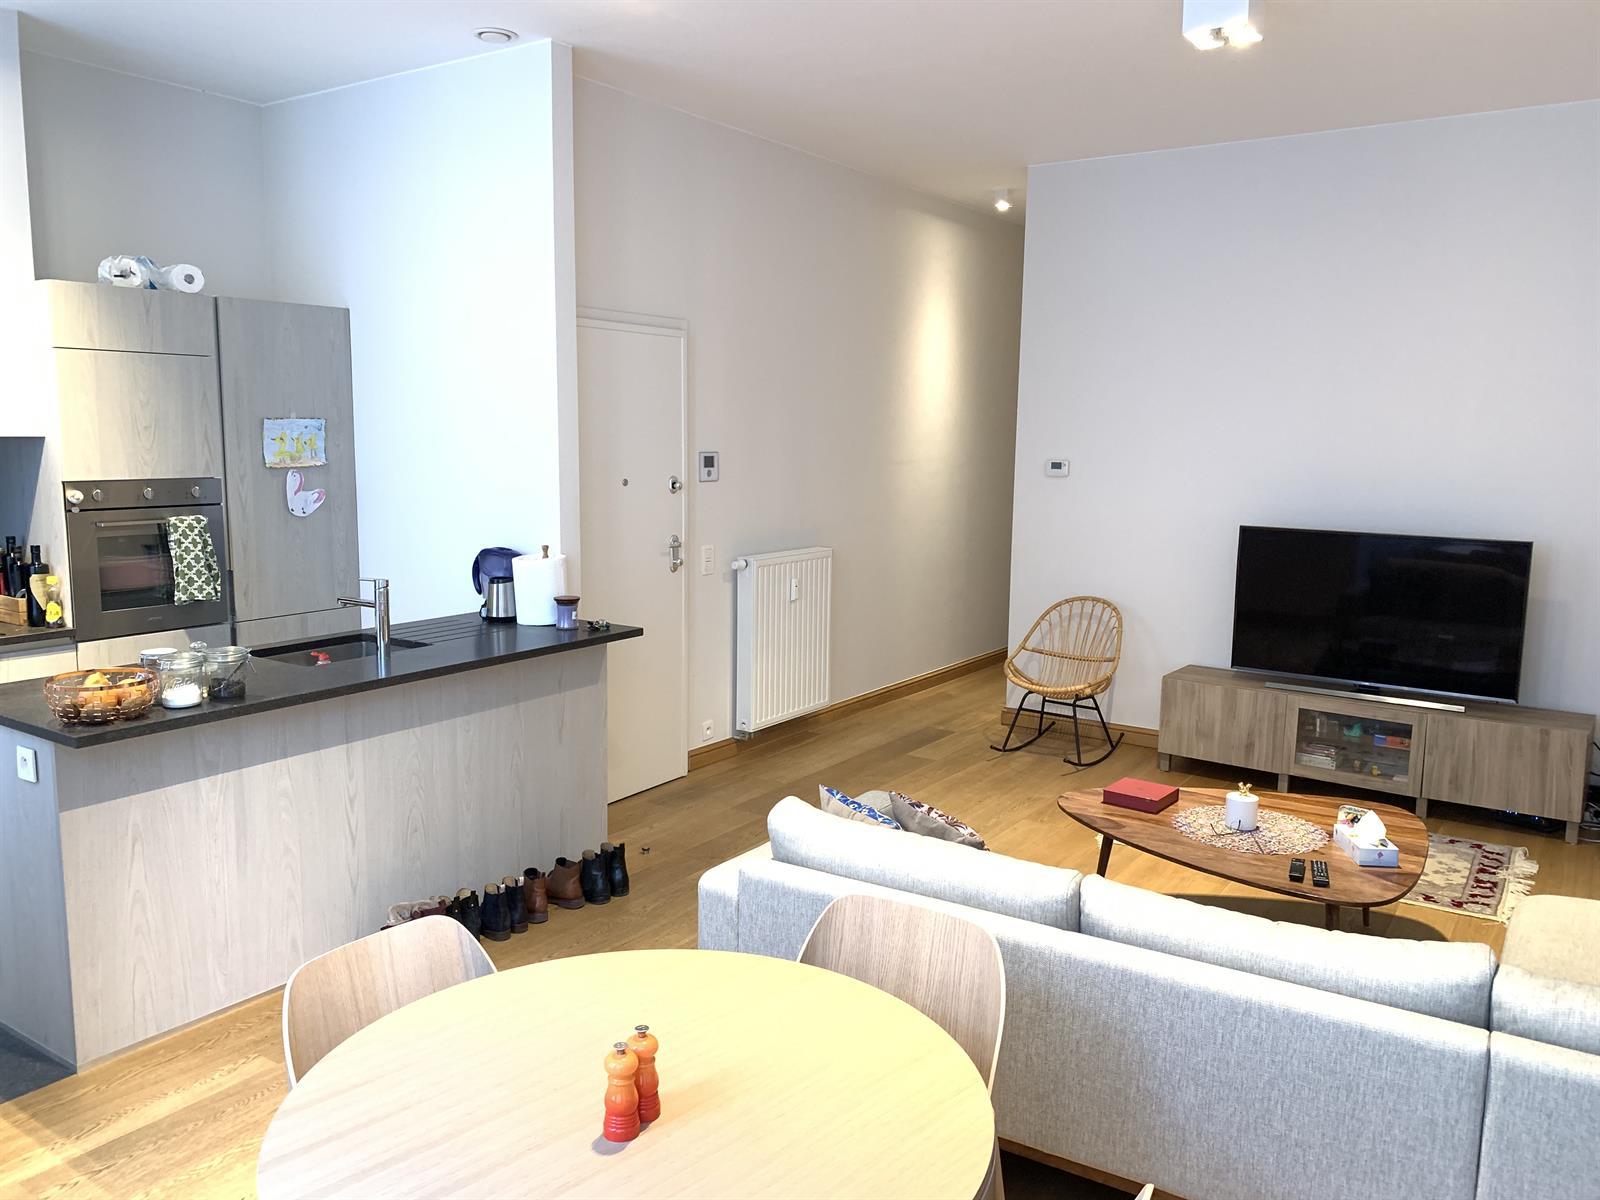 Appartement exceptionnel - Bruxelles - #3965237-36